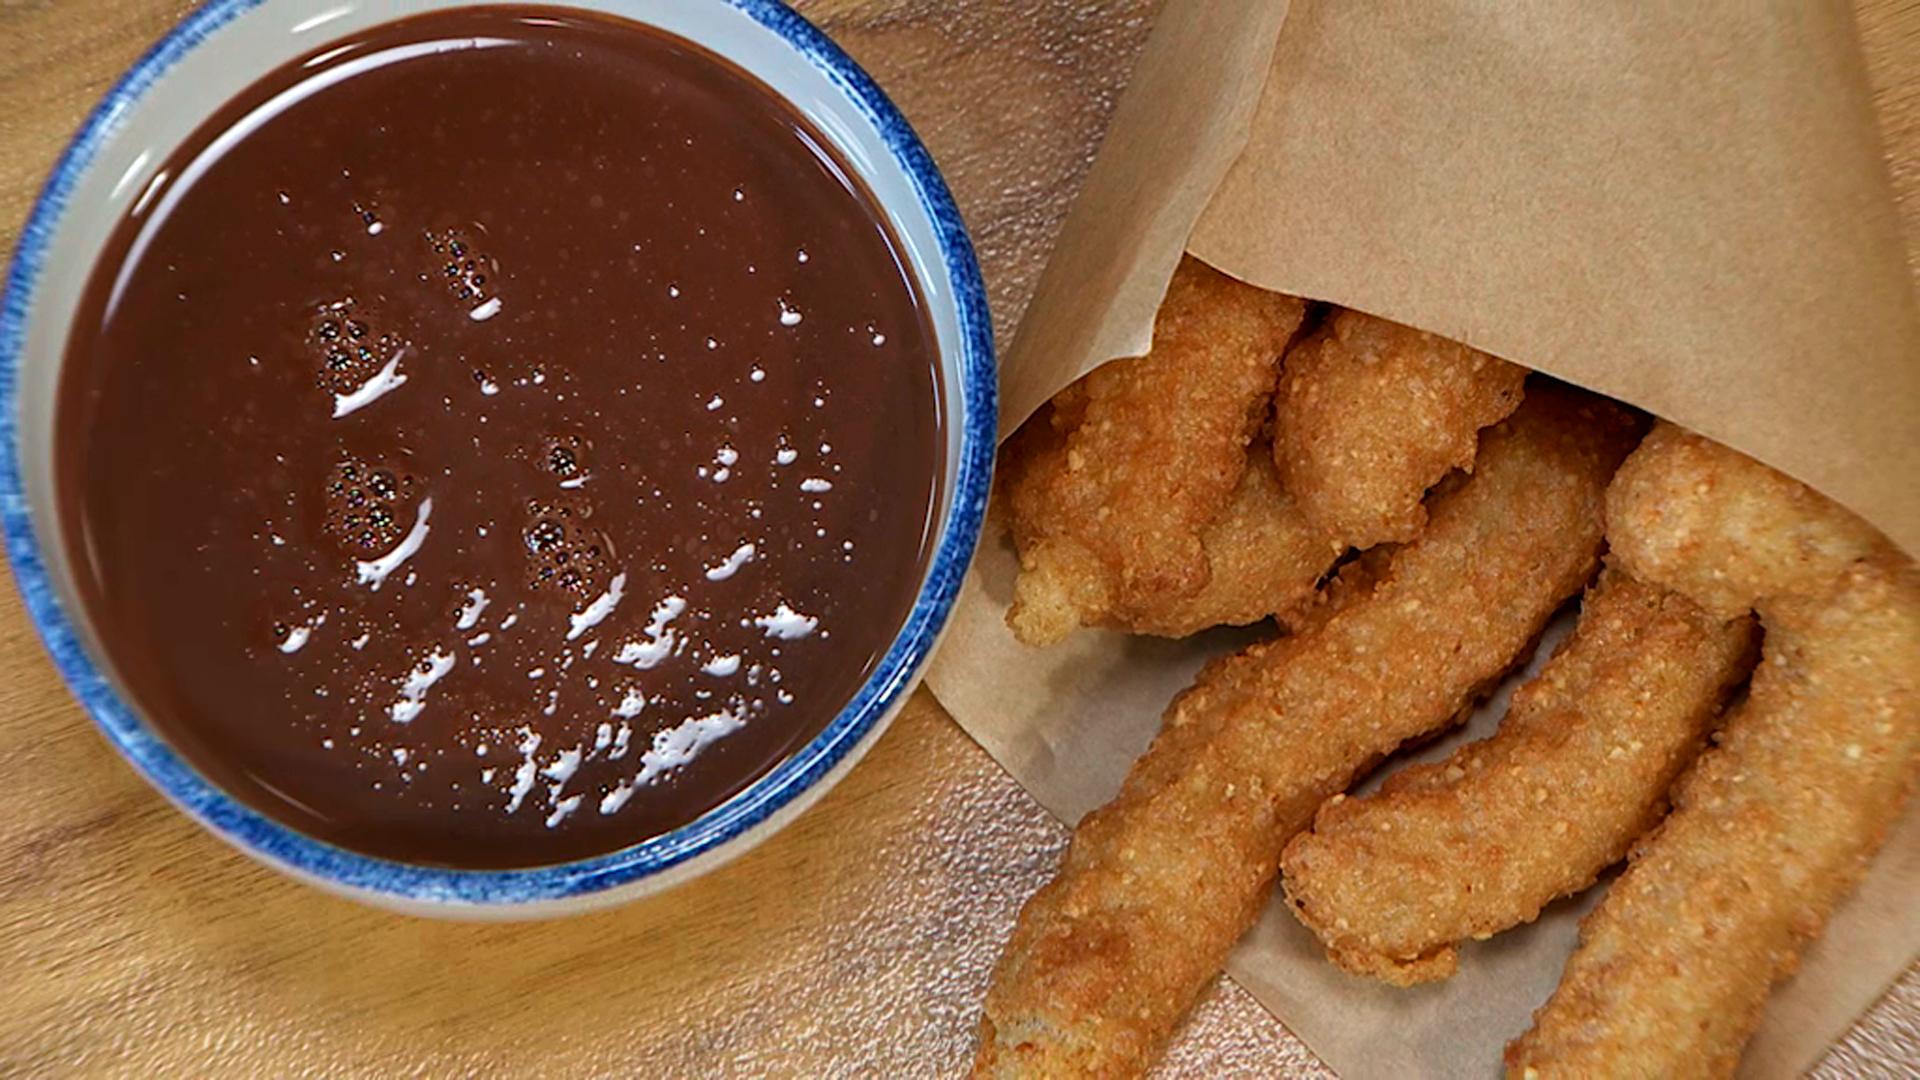 Torres en la cocina - Churros con chocolate